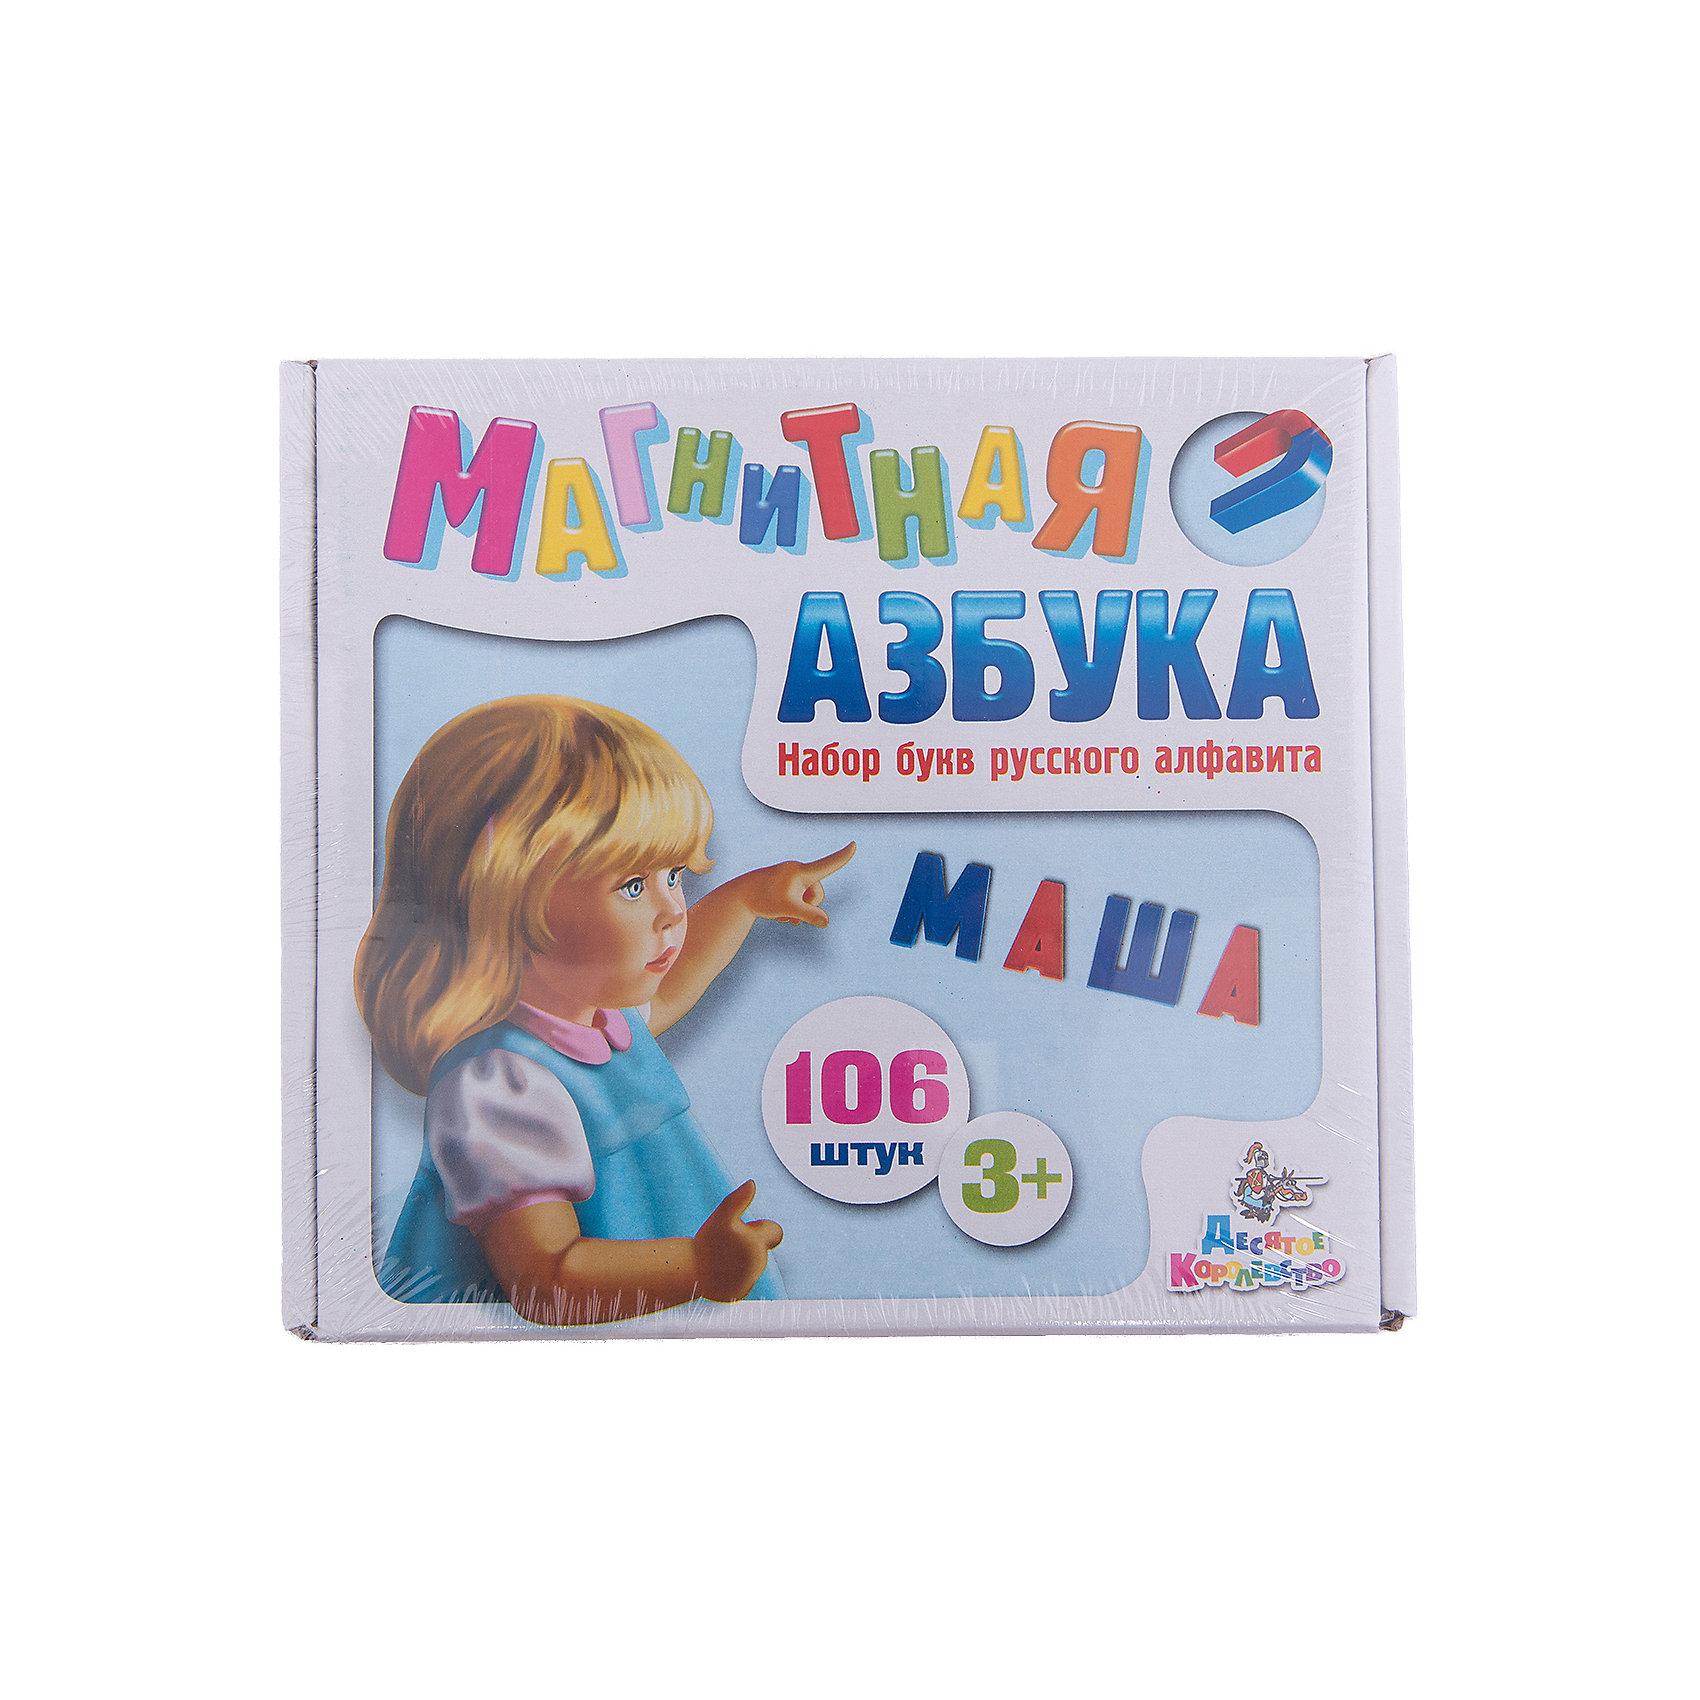 Магнитная Азбука , Десятое королевствоАзбуки<br>Магнитная Азбука , Десятое королевство<br><br>Характеристики:<br><br>• Возраст: от 5 лет<br>• Размер букв/цифр: 35мм<br>• В наборе: 106 элементов<br><br>Этот набор будет служить удобным и наглядным пособием для детей, изучающих буквы и основы счета. Если у вас нет Магнитной азбуки, то закреплять содержащиеся в наборе объемные знаки можно на холодильнике или иной металлической поверхности. Пользуясь набором можно закреплять знания по русскому языку и учиться читать и писать.<br><br>Магнитная Азбука , Десятое королевство можно купить в нашем интернет-магазине.<br><br>Ширина мм: 230<br>Глубина мм: 200<br>Высота мм: 35<br>Вес г: 438<br>Возраст от месяцев: 36<br>Возраст до месяцев: 60<br>Пол: Унисекс<br>Возраст: Детский<br>SKU: 5471711